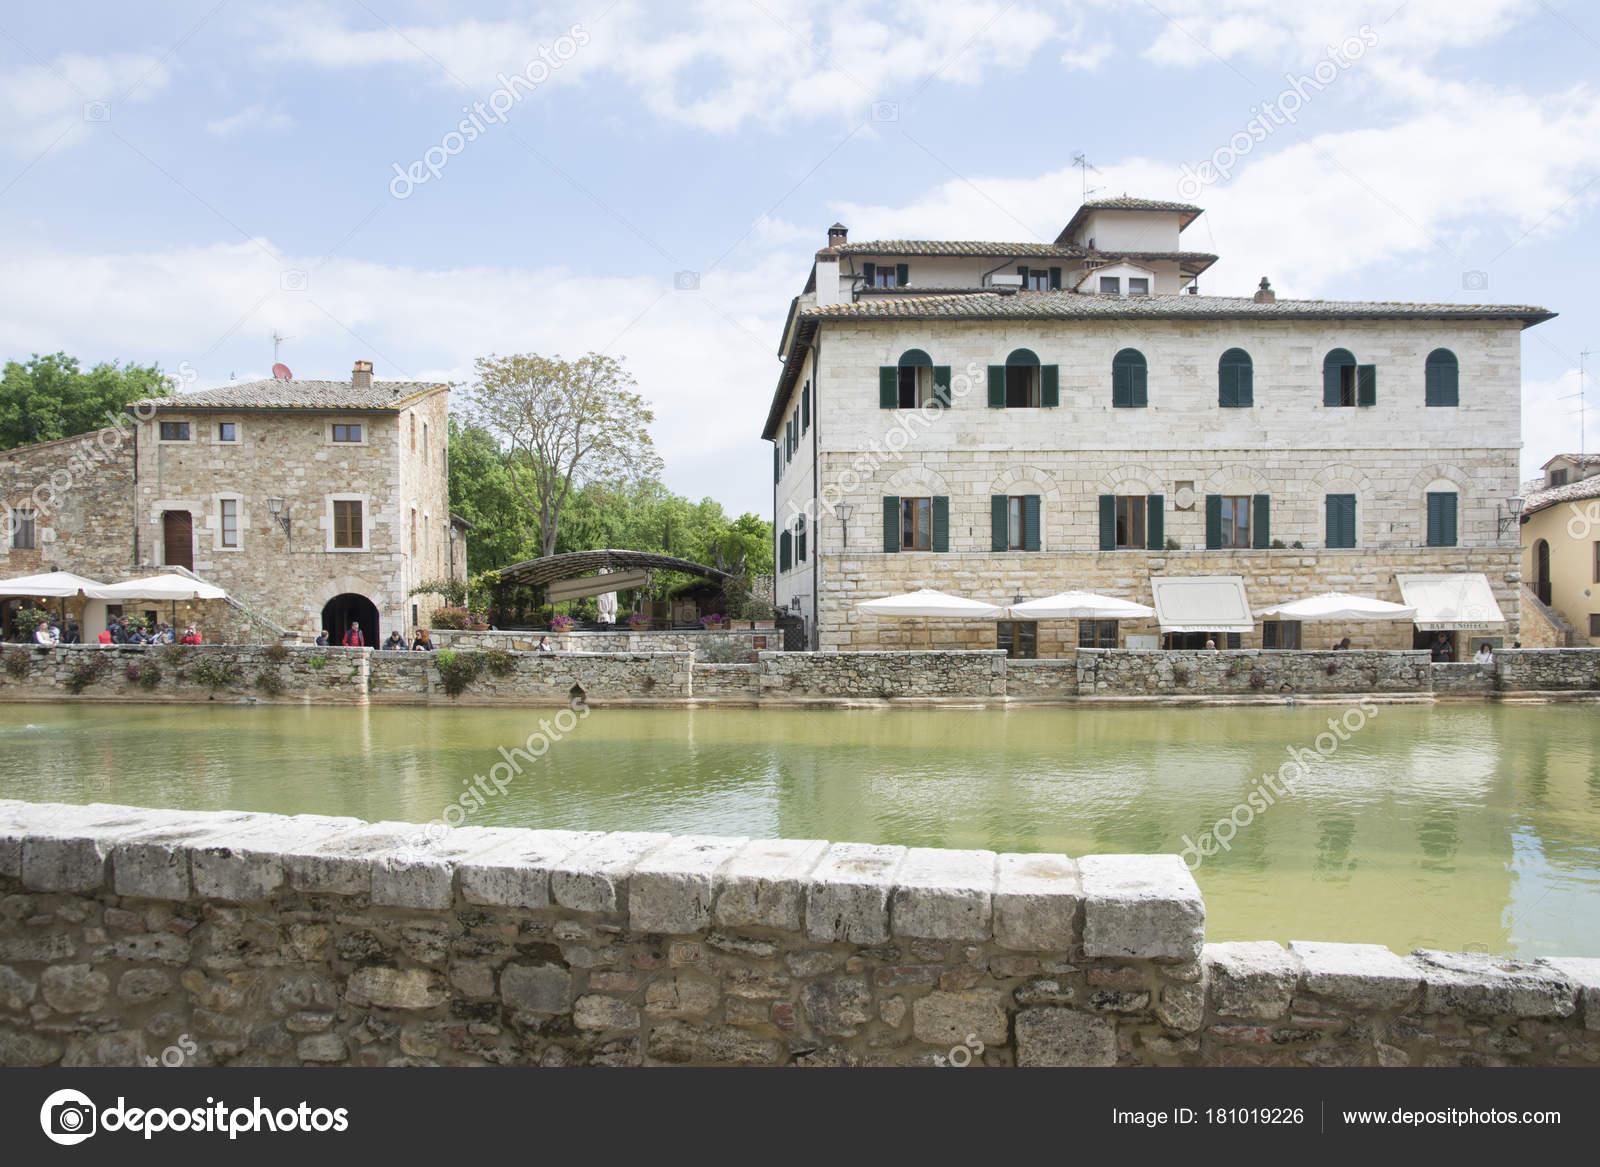 Bagni Vignone – Stock Editorial Photo © starmaro #181019226